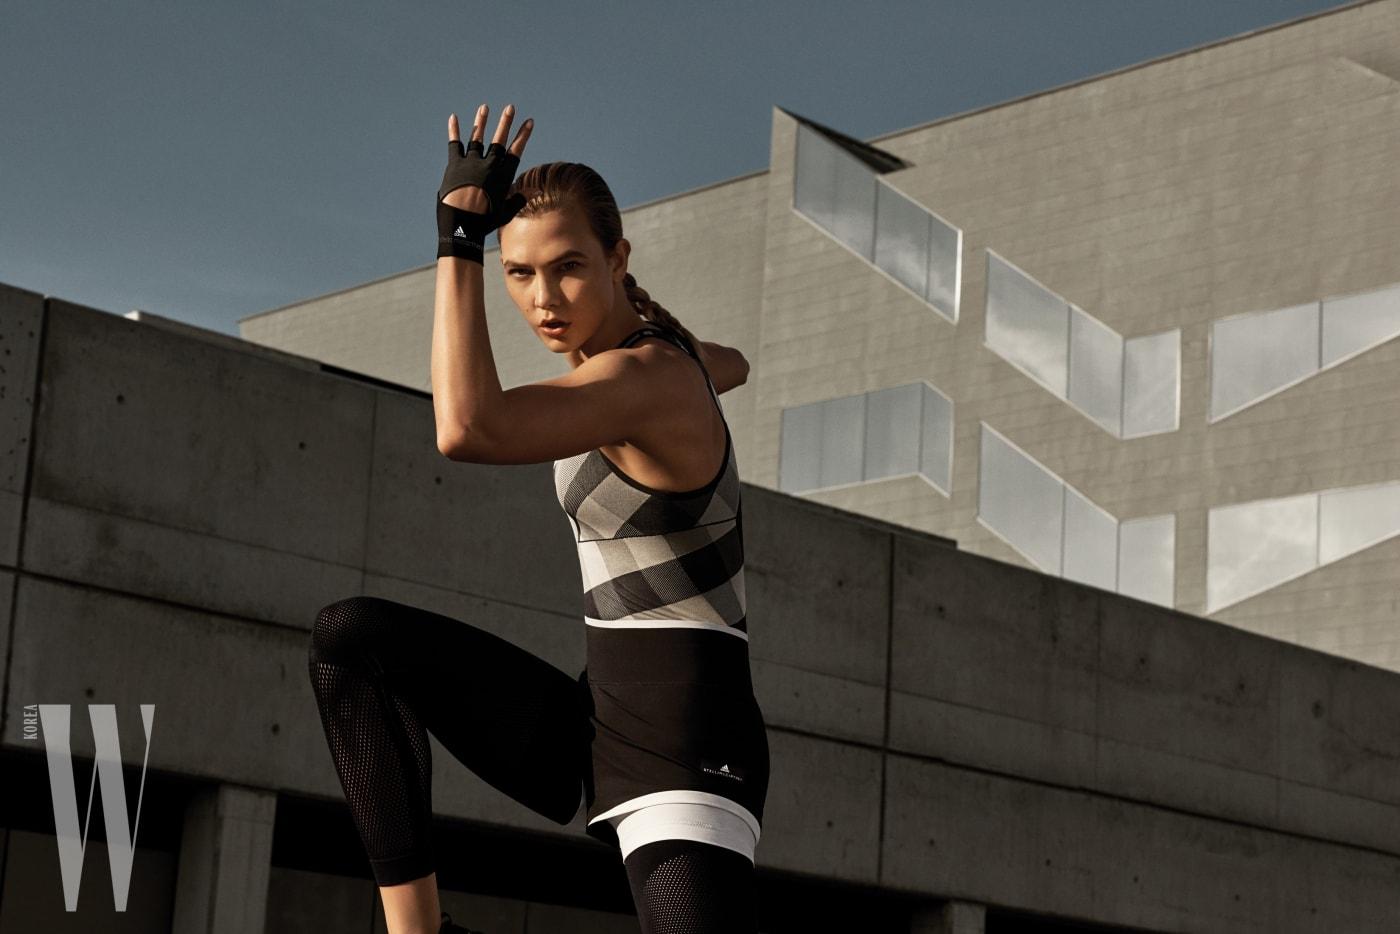 모던한 체크무늬 운동복을 입은 칼리 클로스.